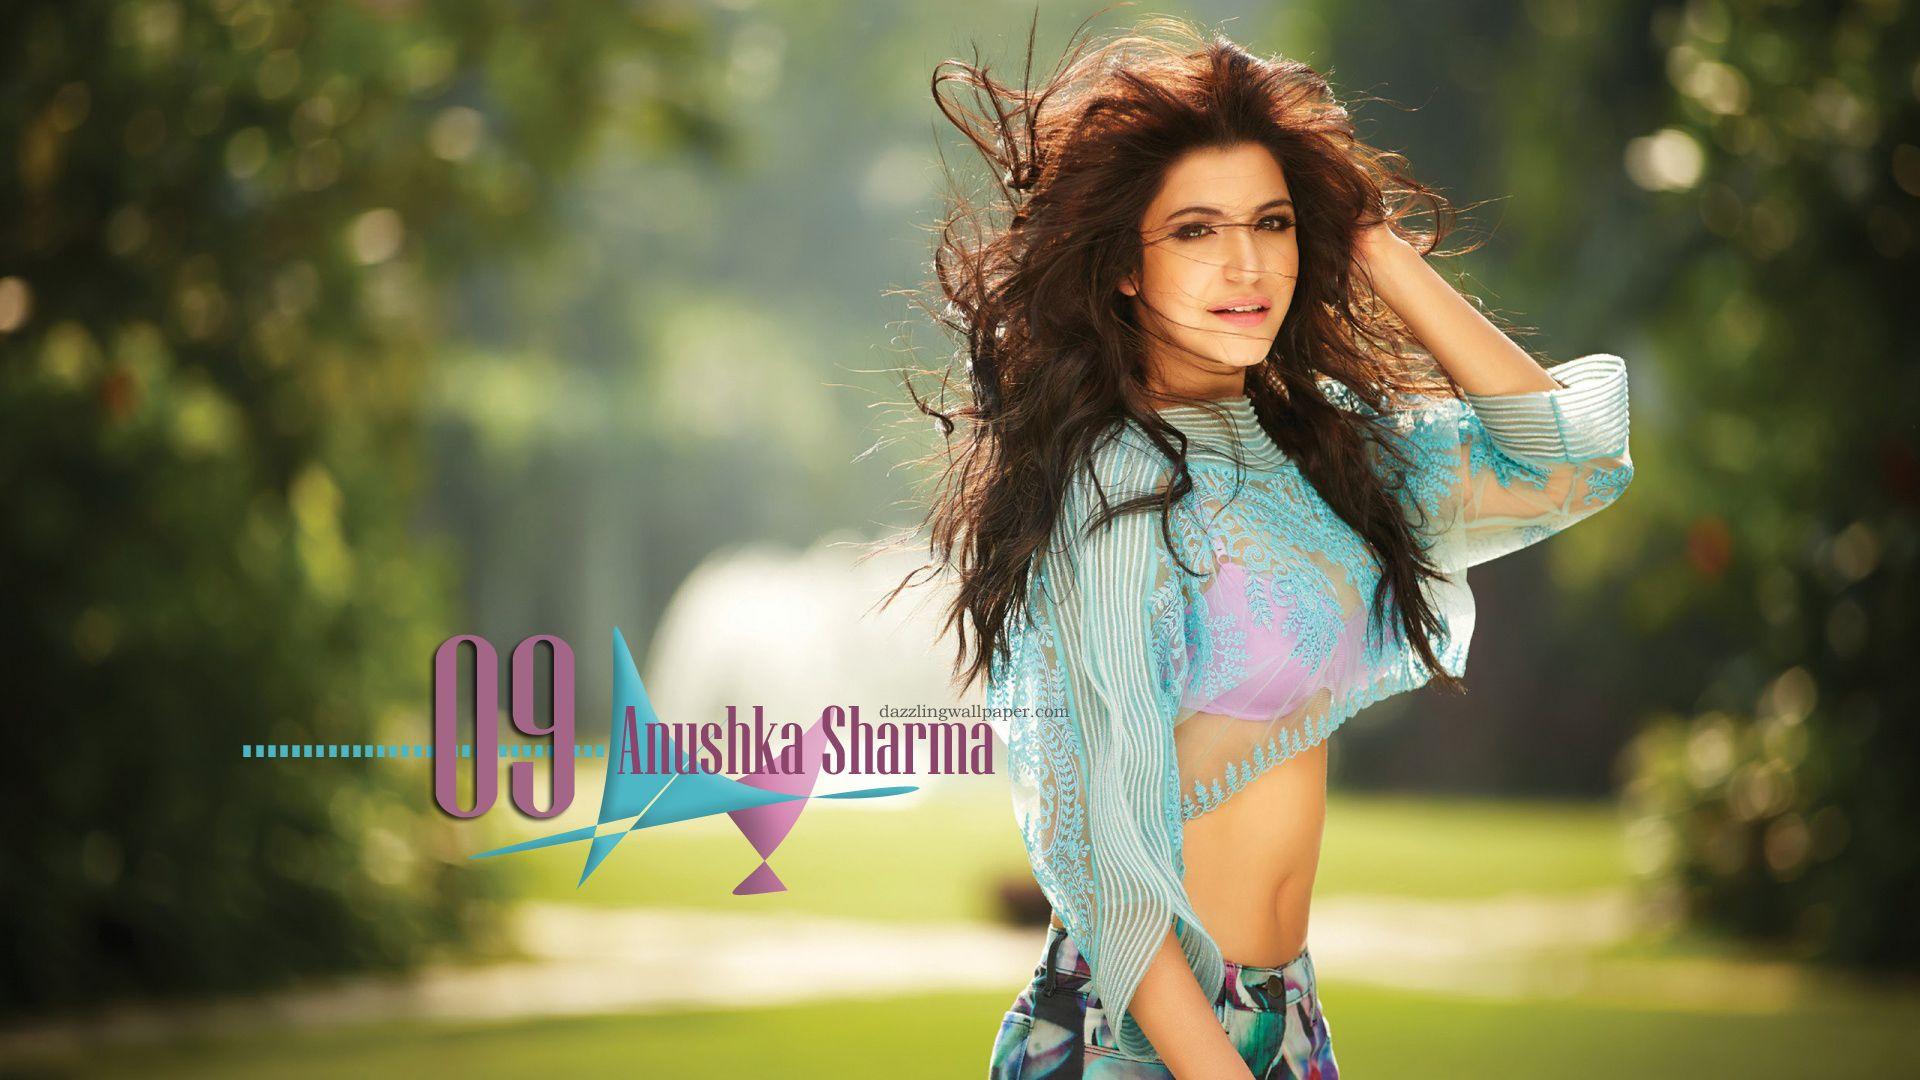 Super Duper Cute Wallpapers Anushka Sharma Sexy Hd Wallpaper Anushka Sharma Hot